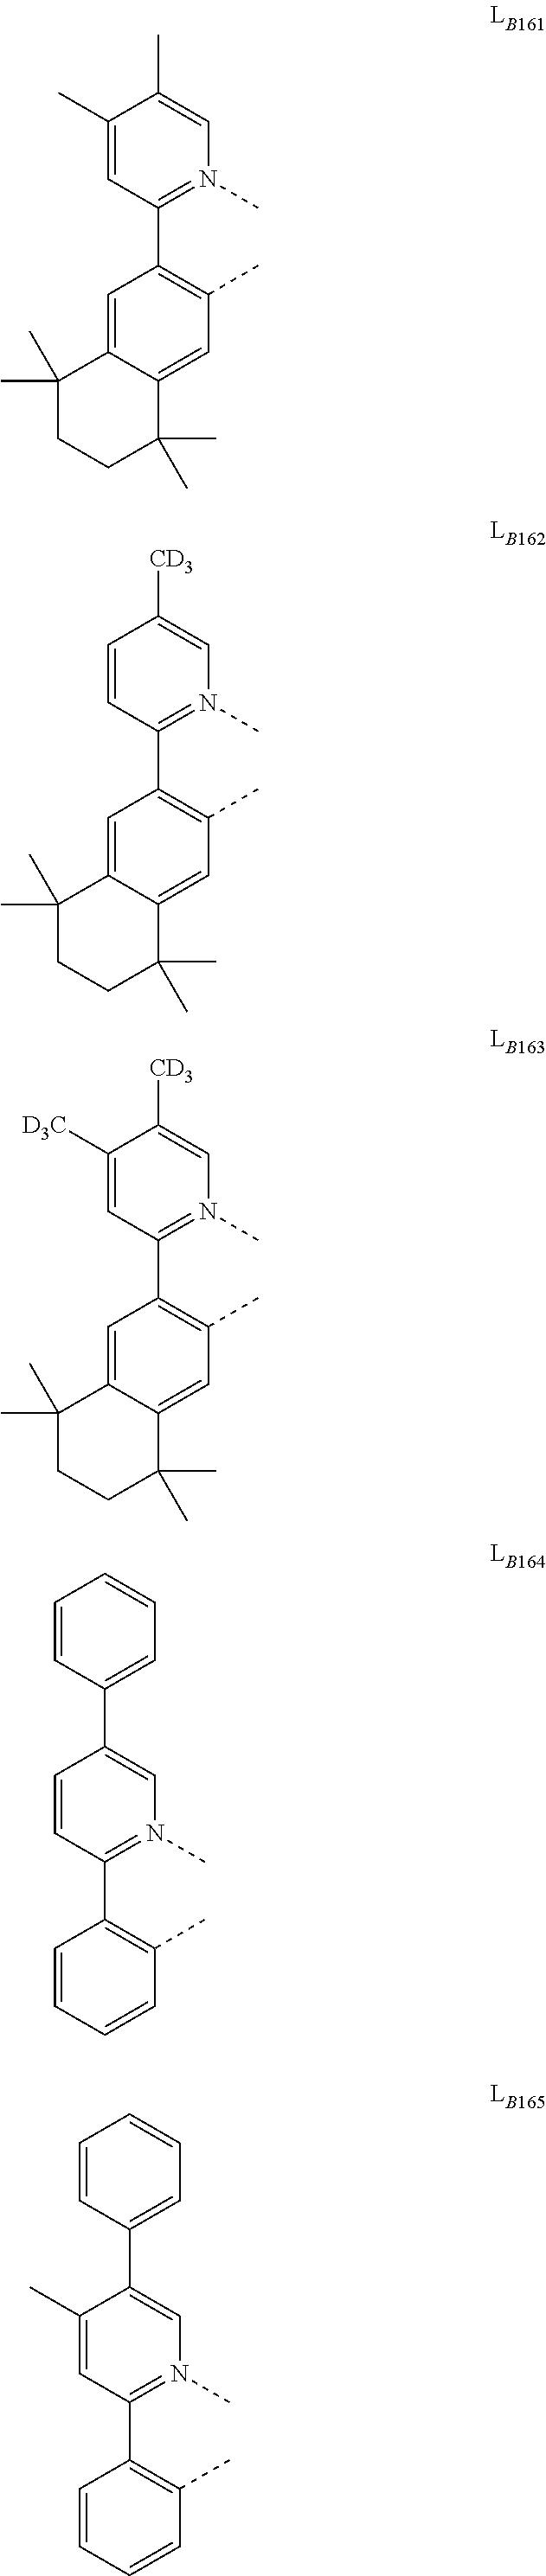 Figure US20180130962A1-20180510-C00098